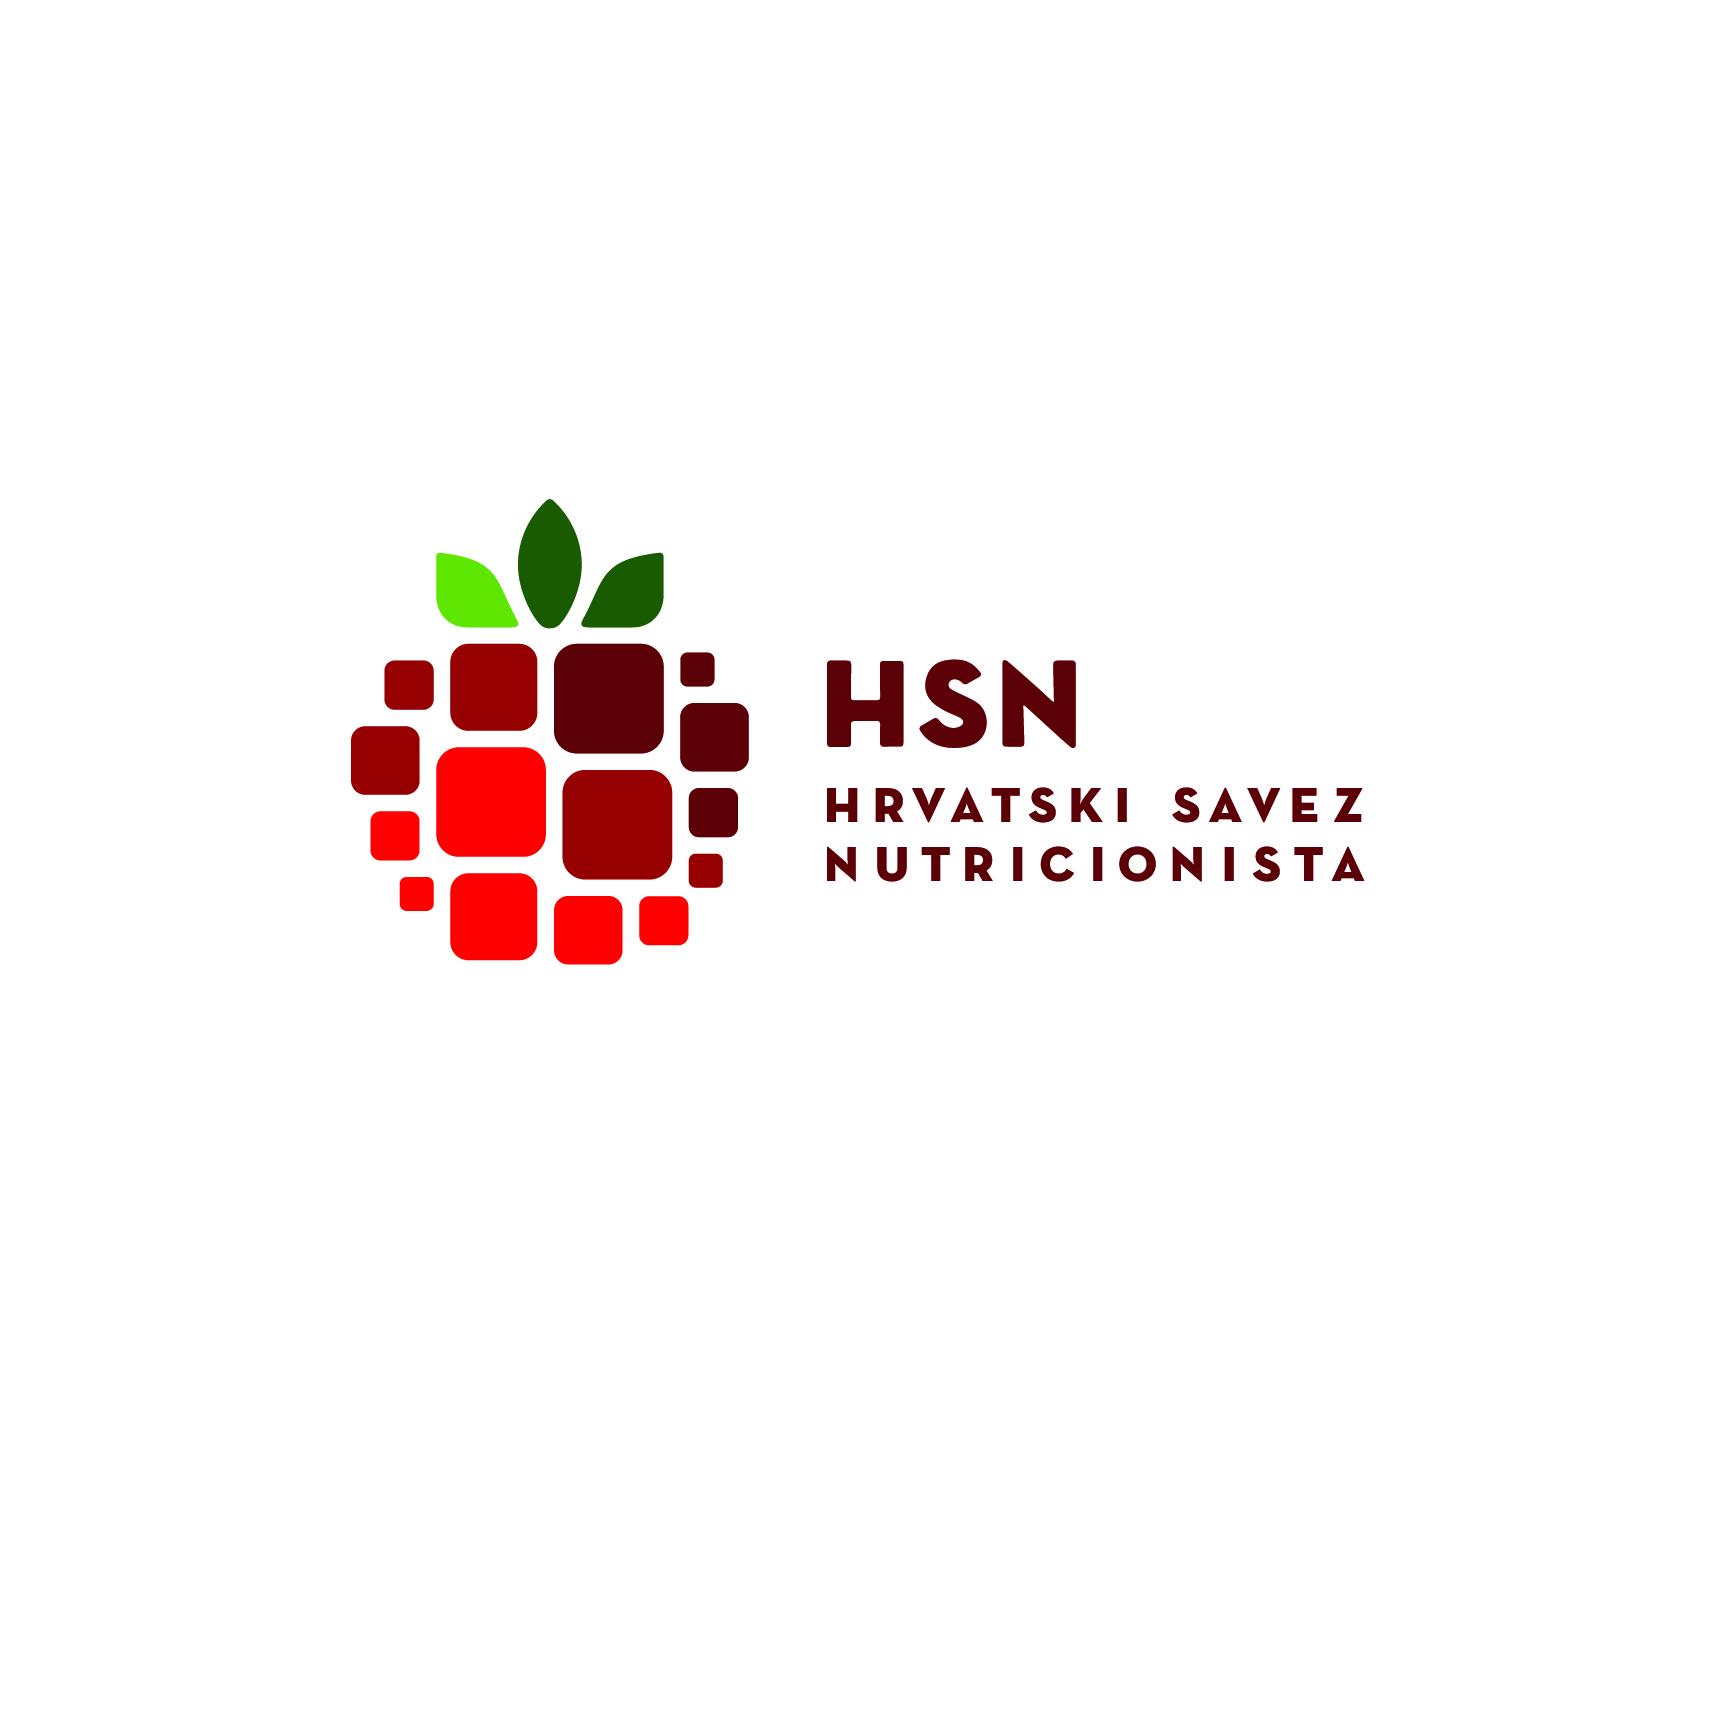 Hrvatski savez nutricionista